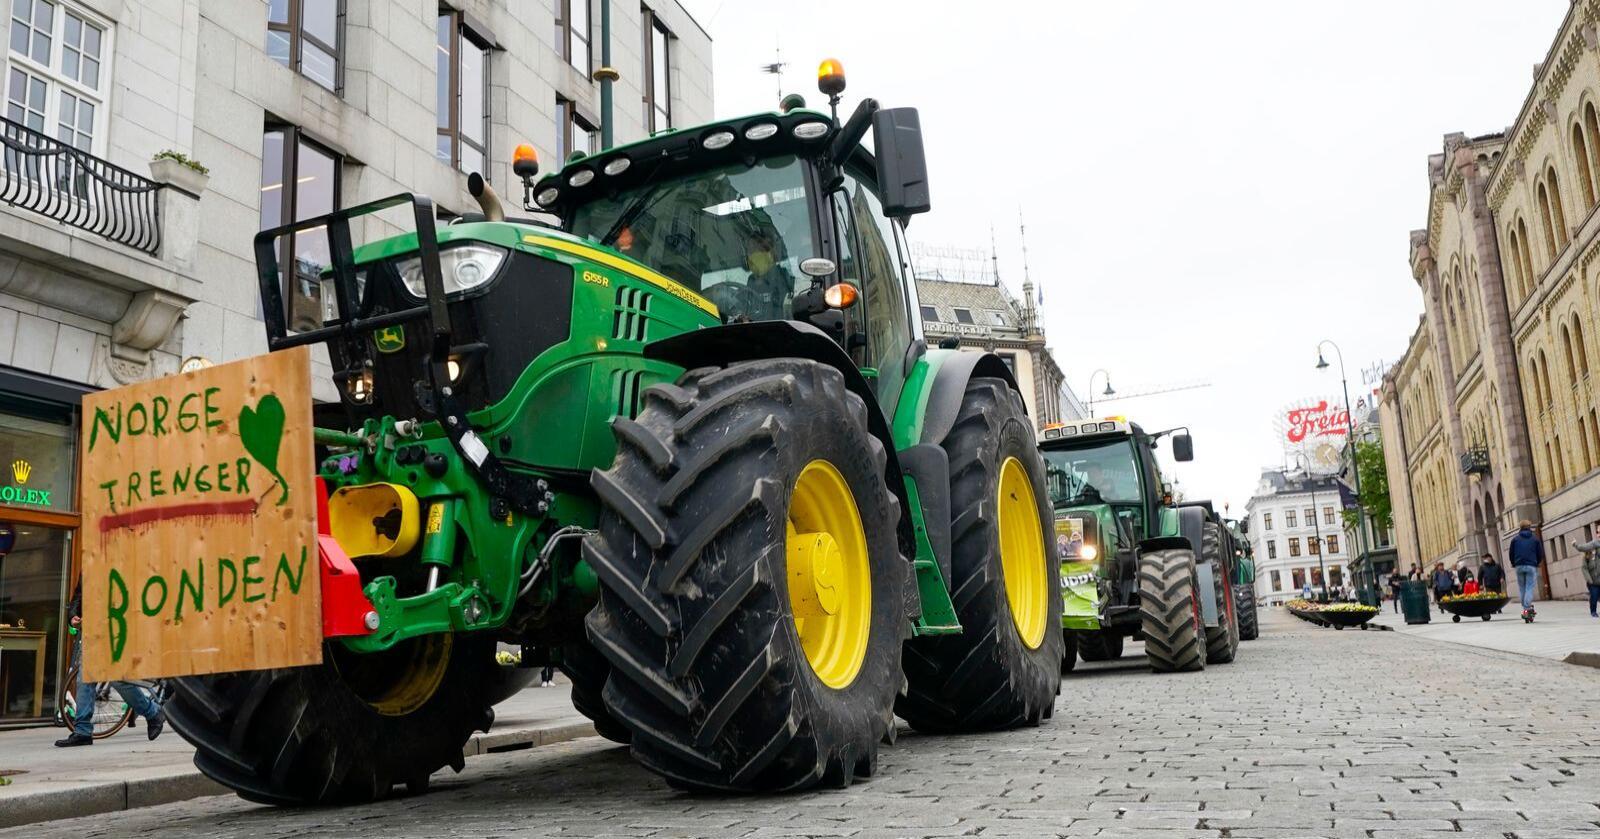 Reduksjon av offentlige ansatte, vil gi bonden mer på konto, skriver innsenderen. Foto: Lise Åserud / NTB